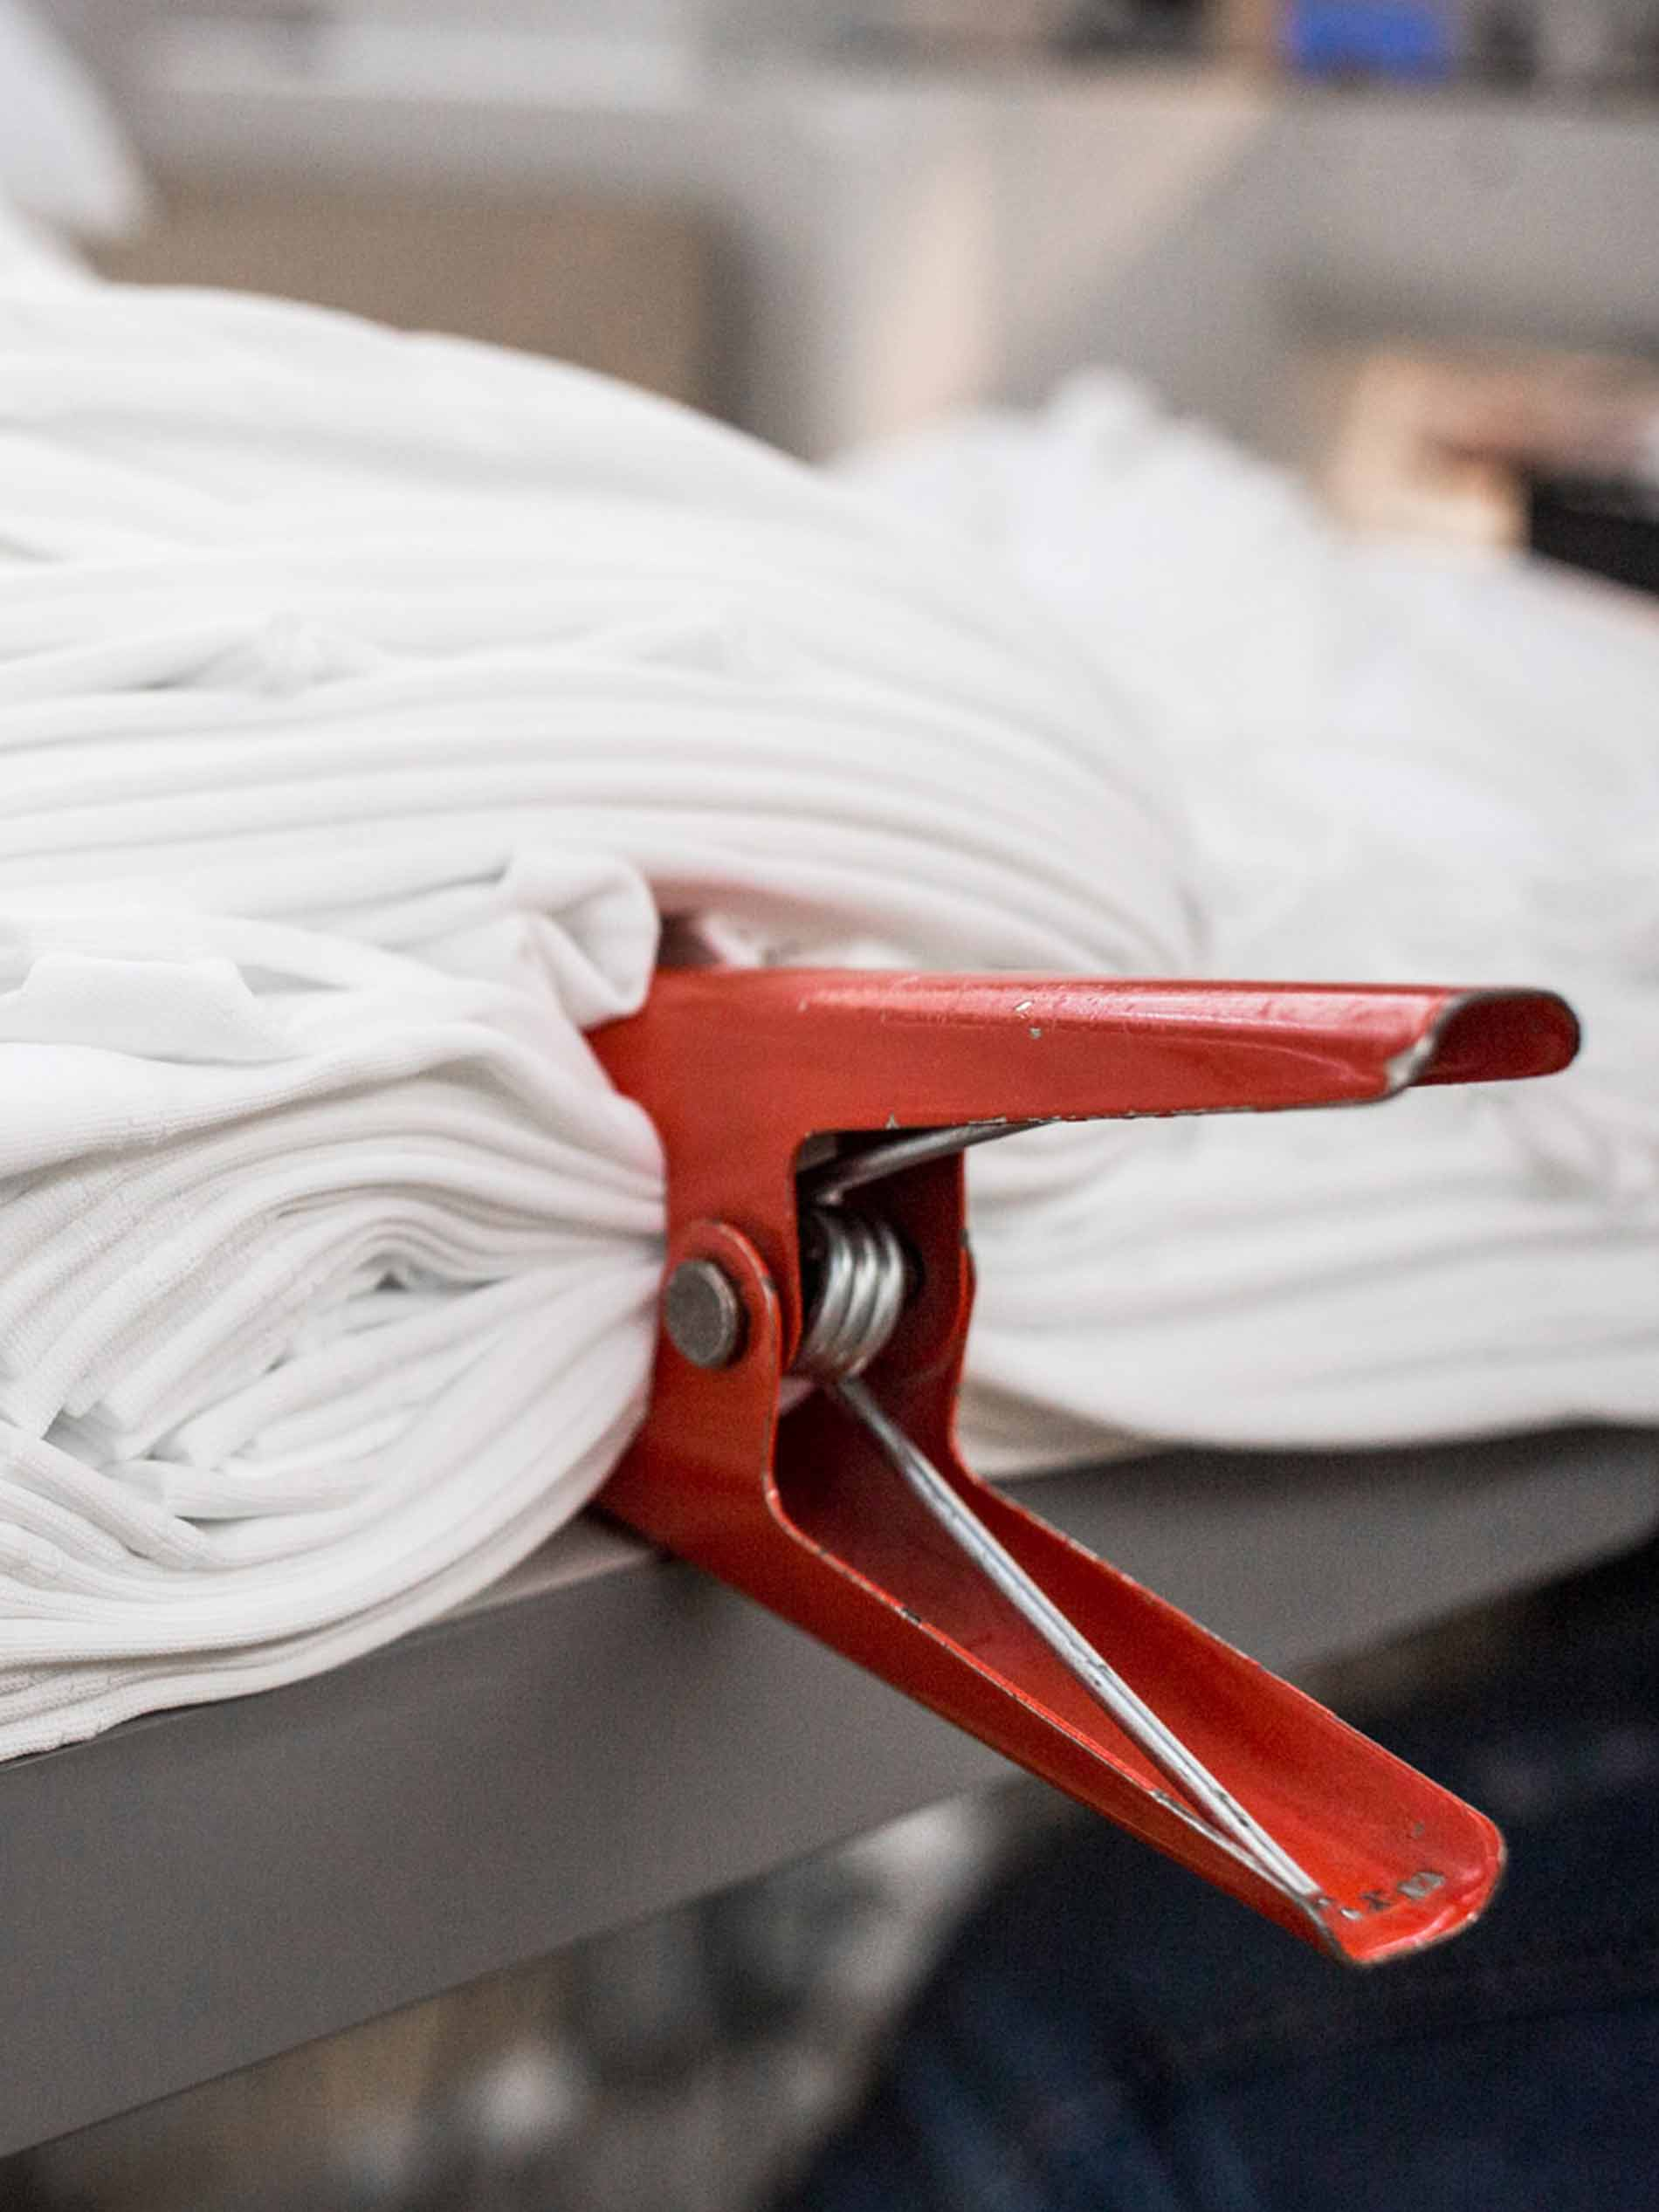 mey® Stoff in weiß mit einer roten Zange fixiert, Vorbereitung für den Kalander-Prozess